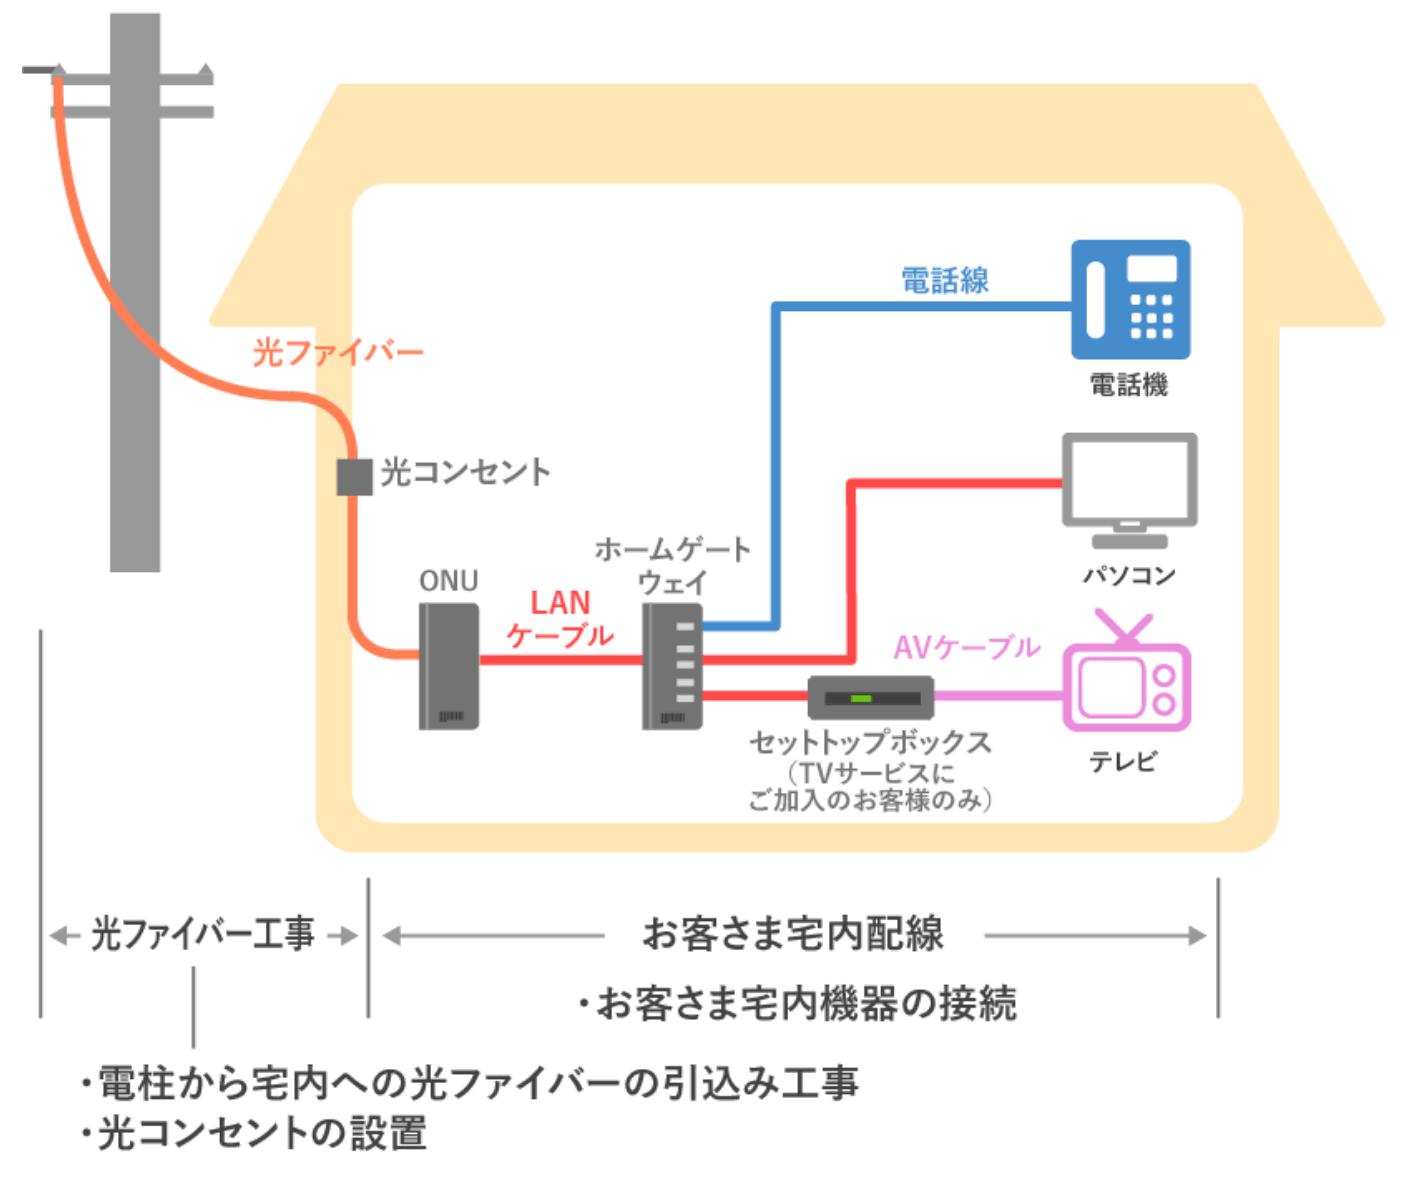 宅内配線のイメージ図